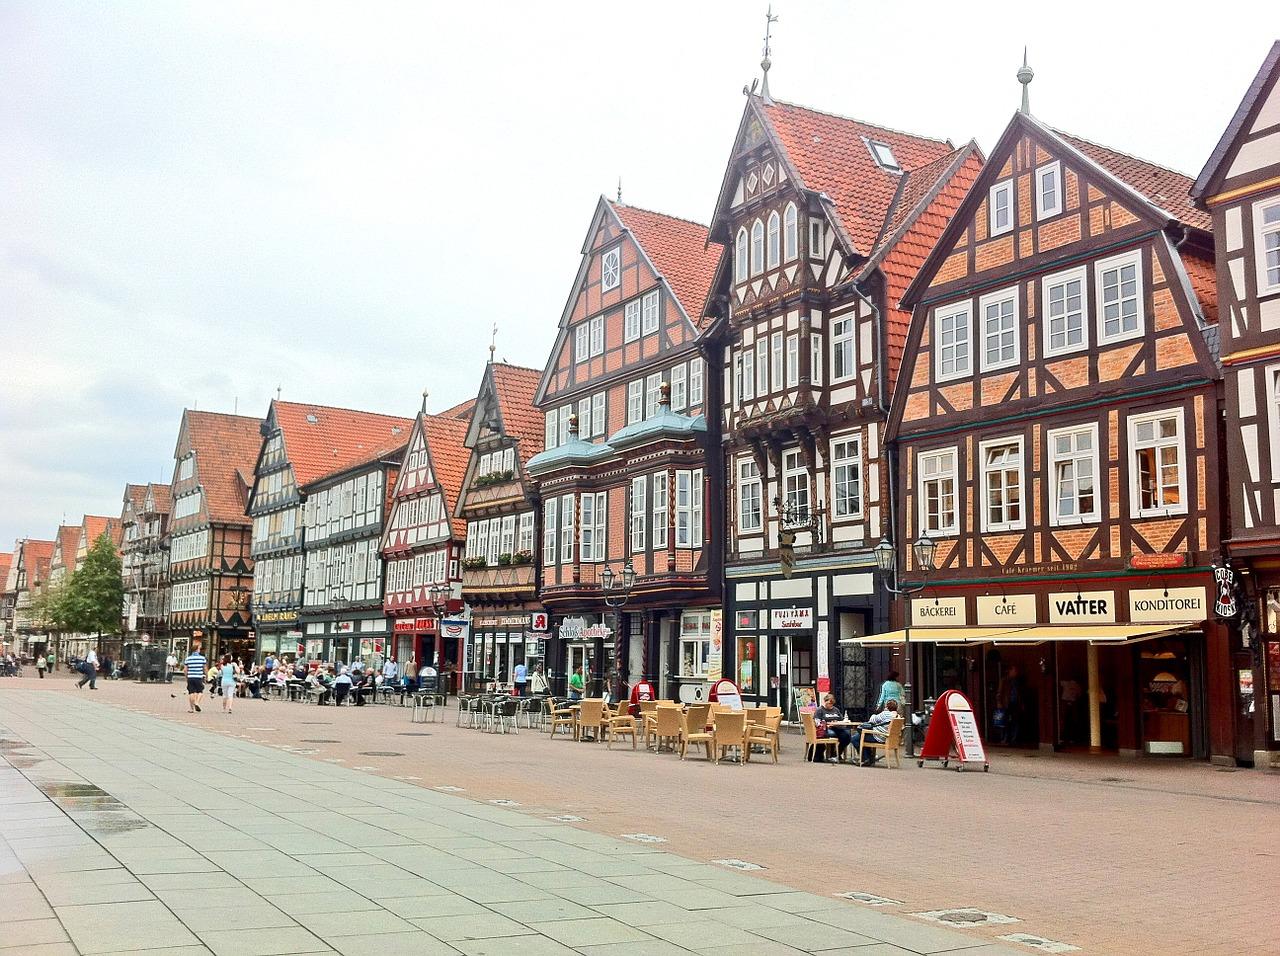 Cidade típica da Alemanha